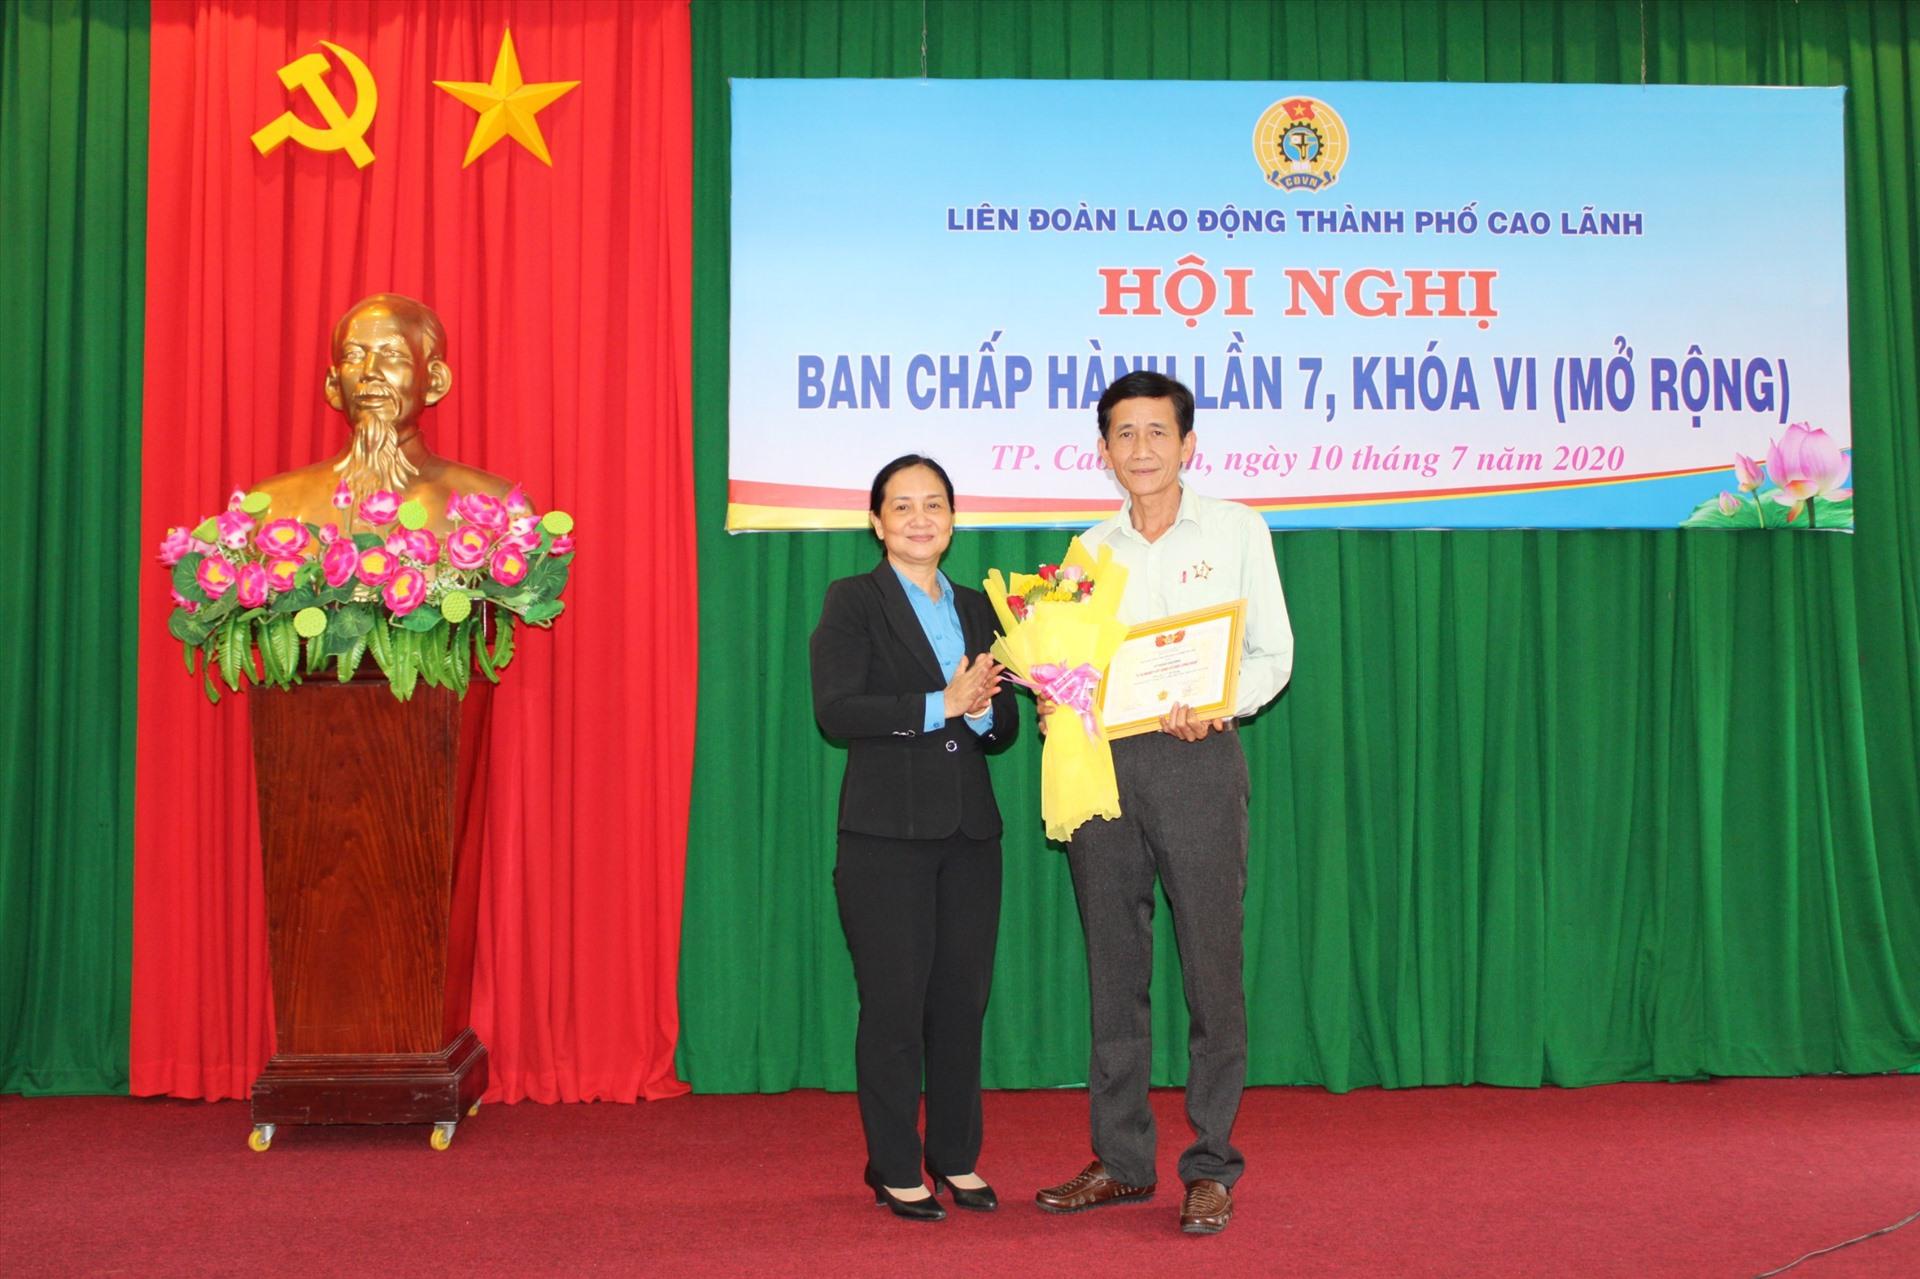 Đồng chí Nguyễn Thị Thu Ba - PCT LĐLĐ tỉnh Đồng Tháp tặng kỷ niệm chương vì sự nghiệp tổ chức Công đoàn.